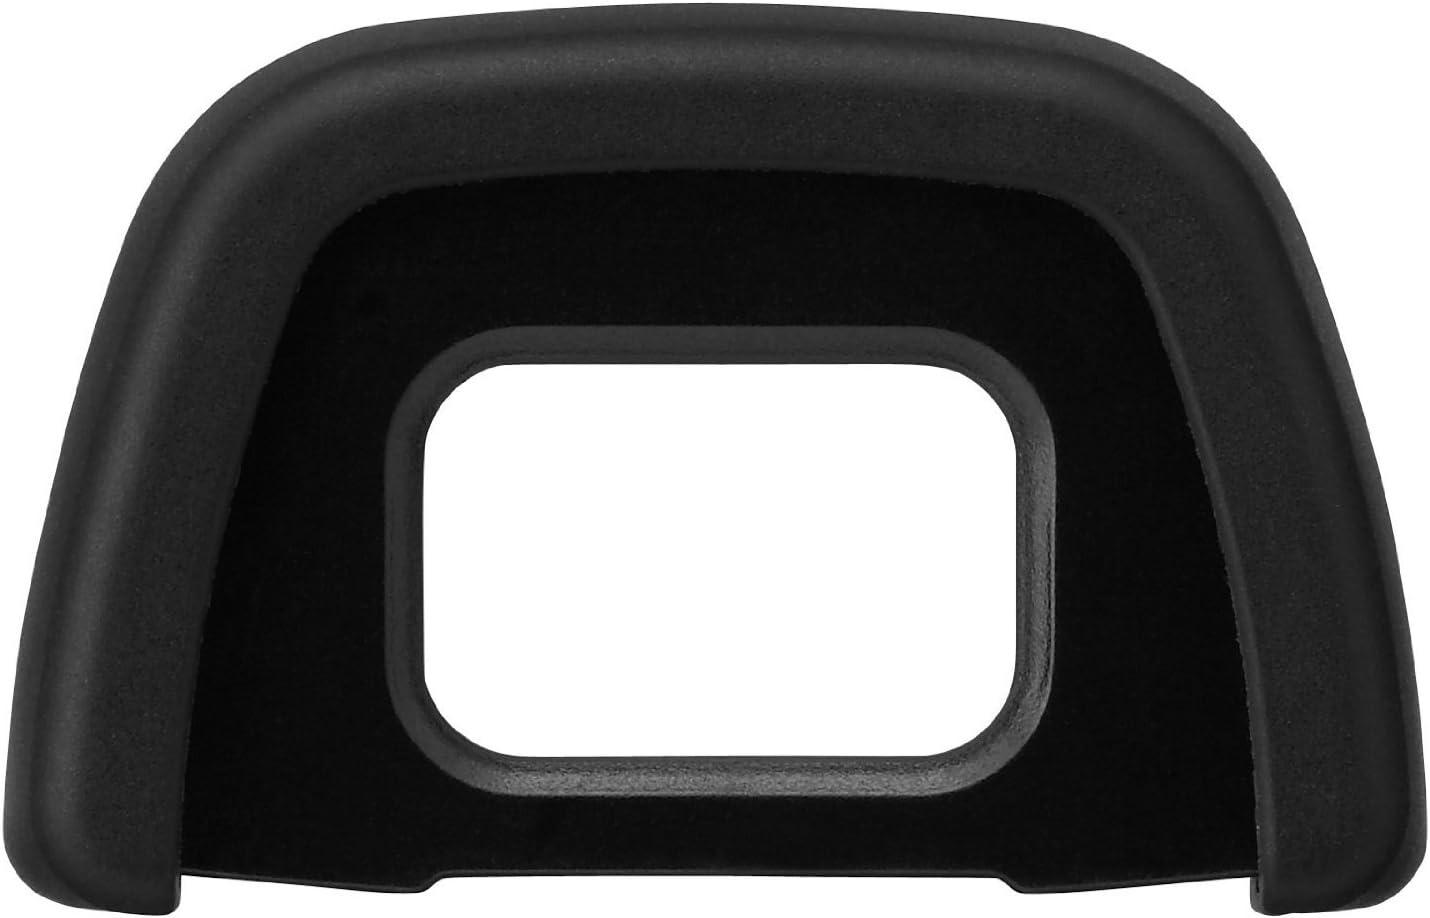 Nikon DK-23 - Copa Ocular para Nikon D300, D300s, D5000 y D7100 ...